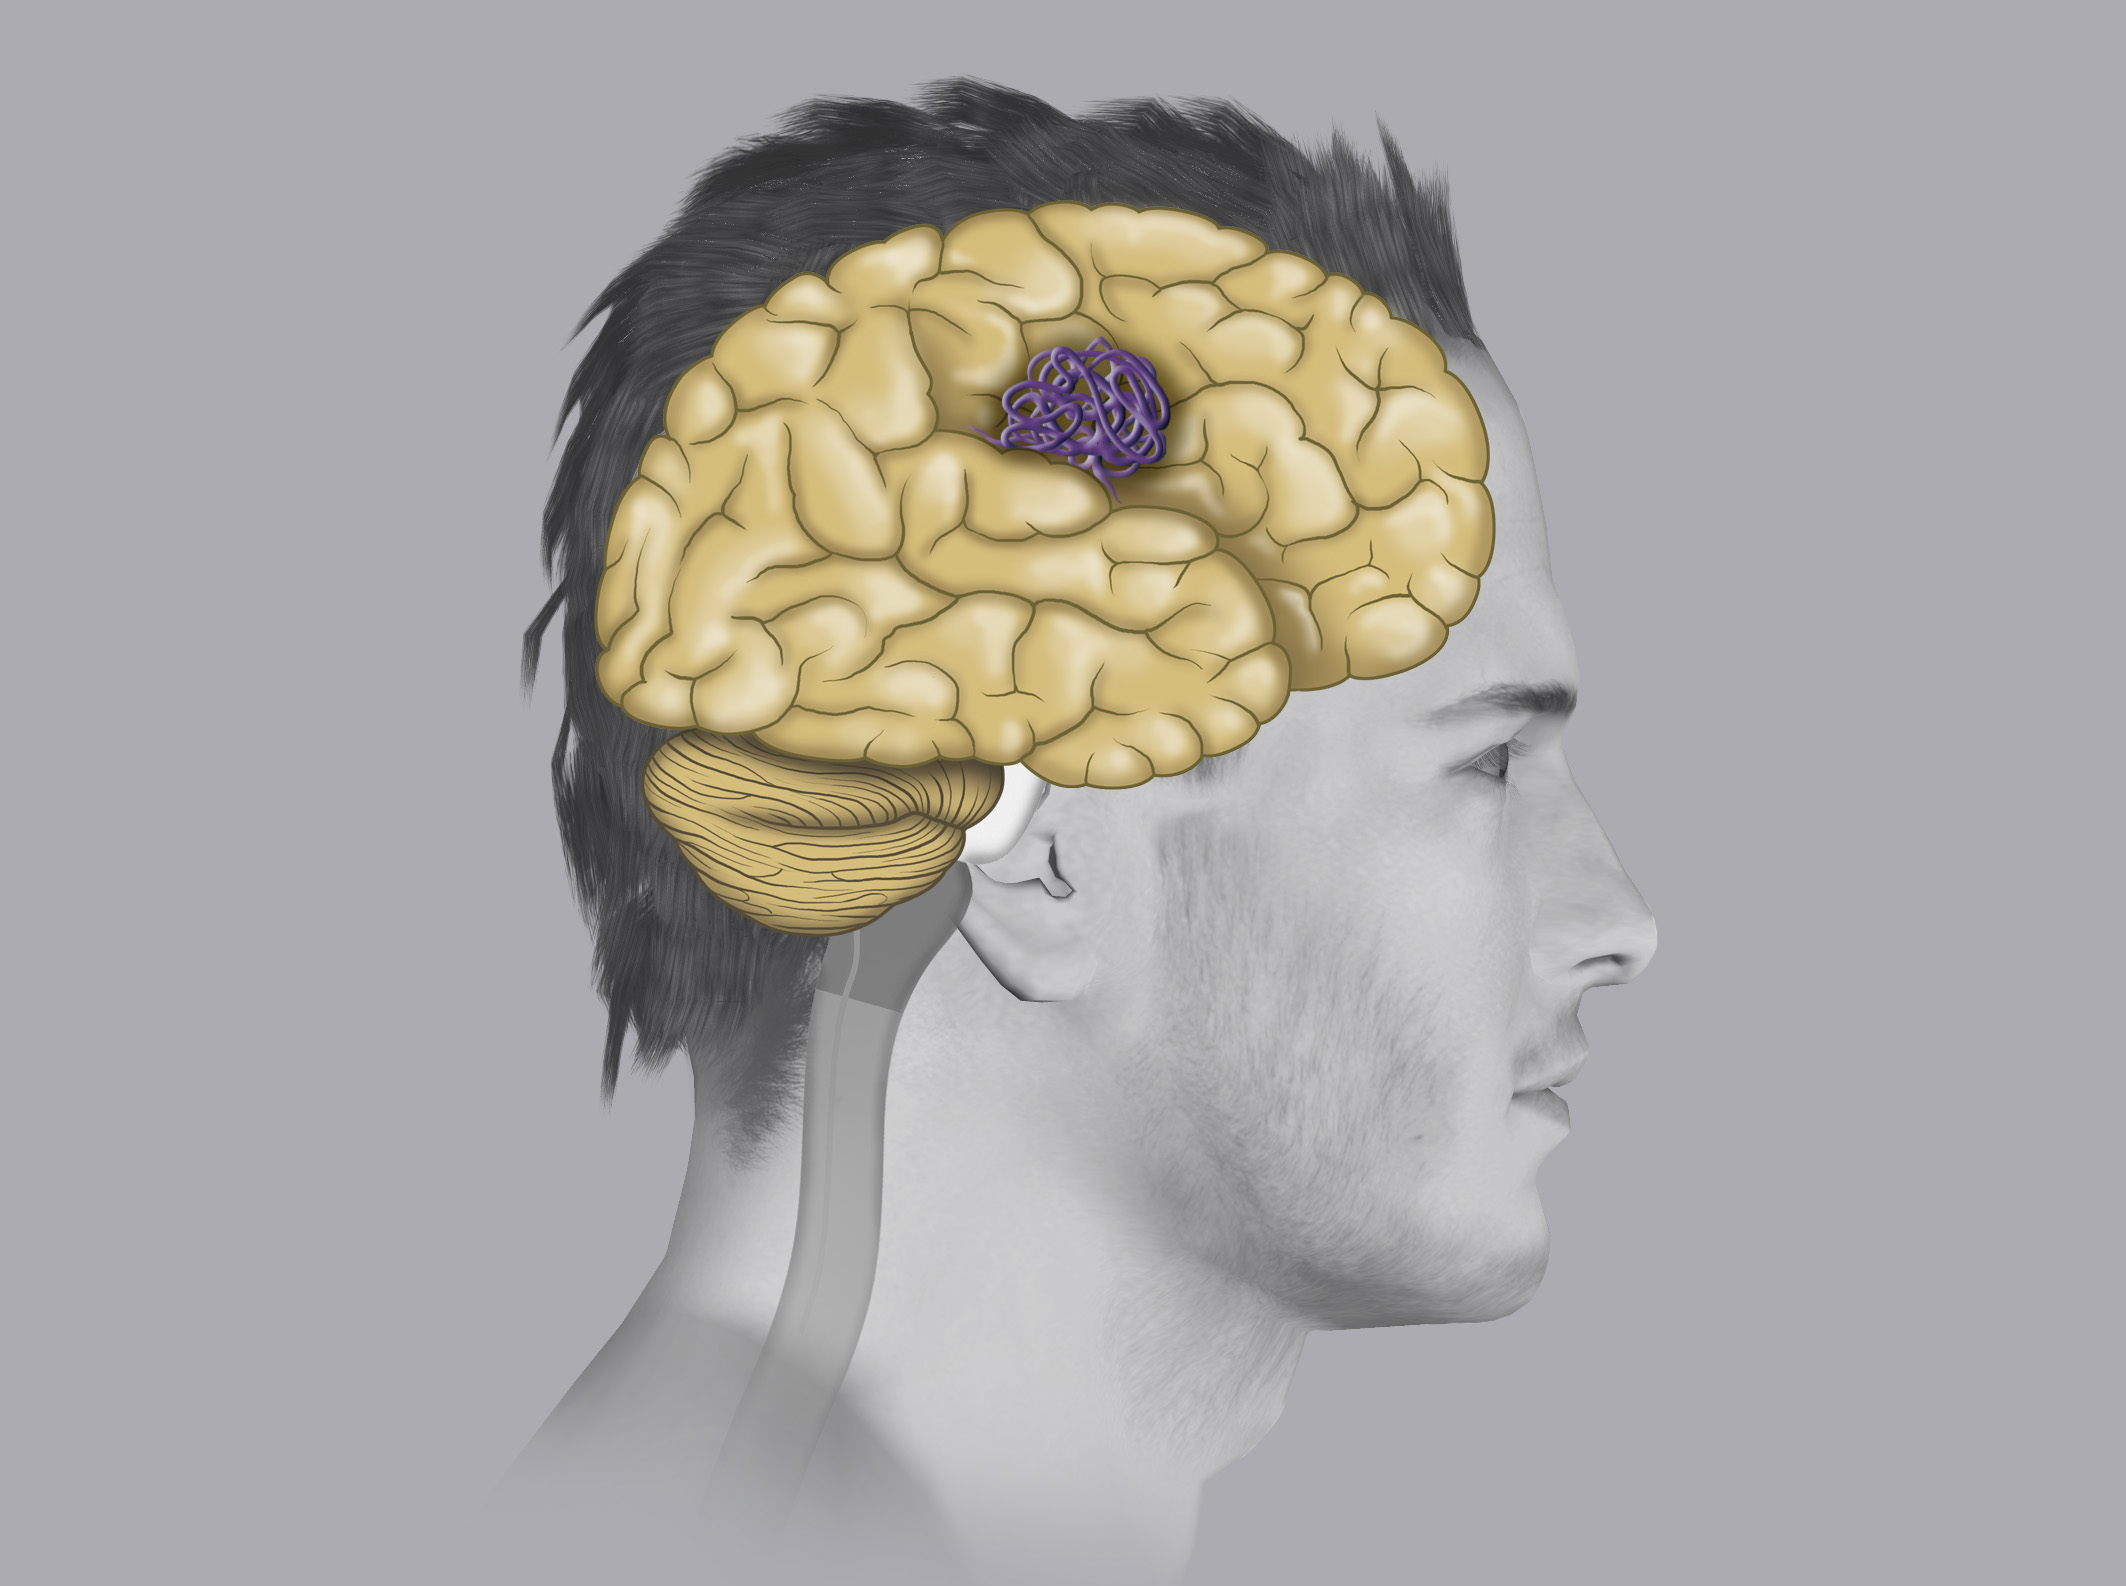 Gli angiomi cavernosi (detti anche cavernomi), sono malformazioni vascolari costituite da un agglomerato di vasi, con aspetto simile a delle more.